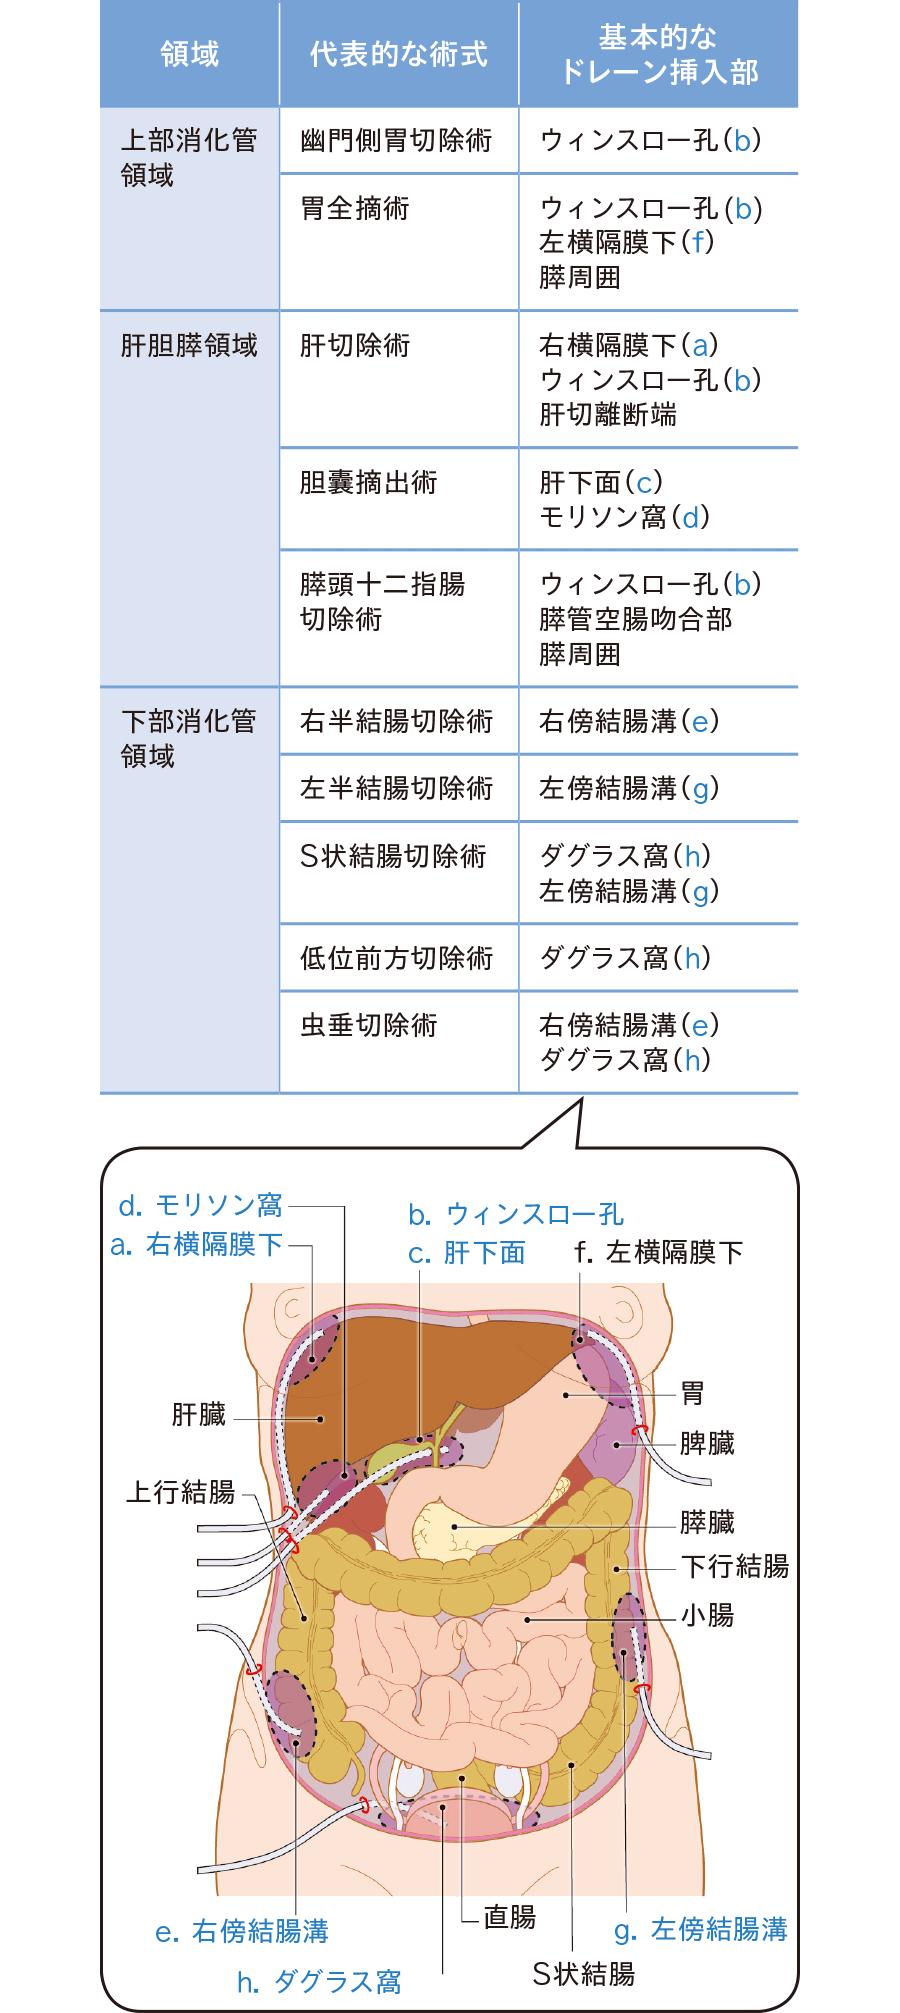 内視鏡手術における代表的な術式とドレーン挿入部